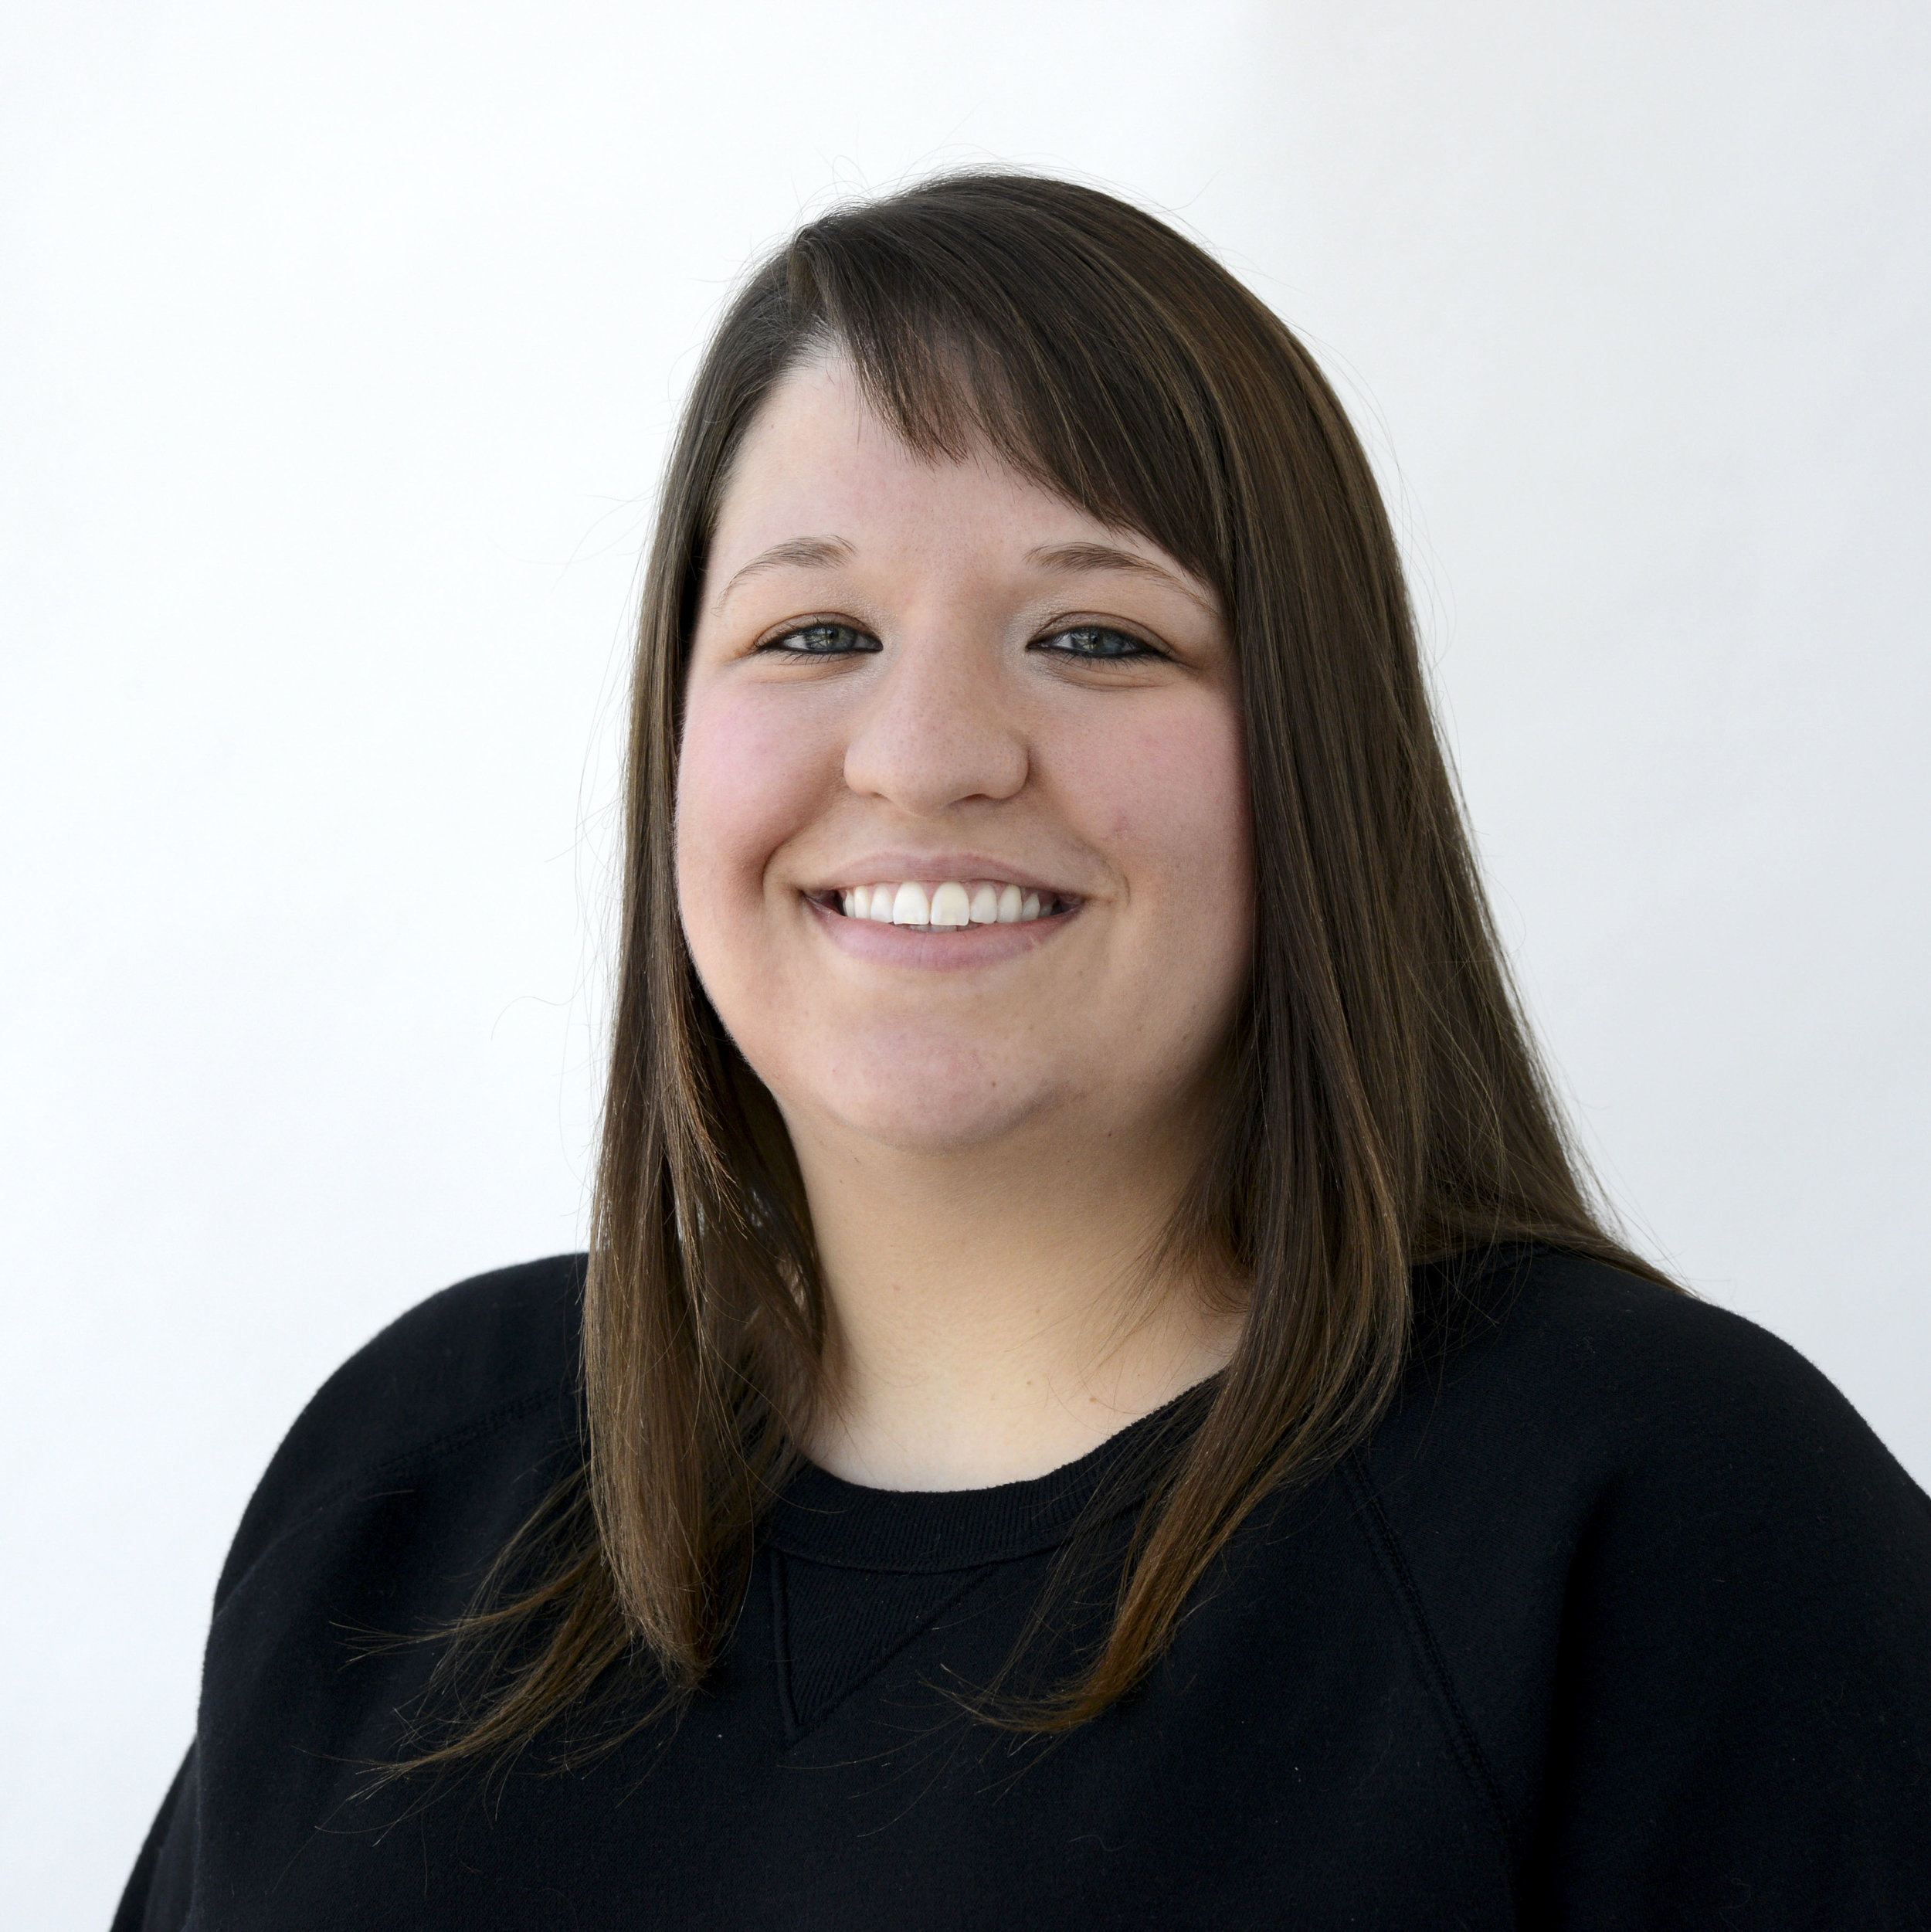 Megan Knecht